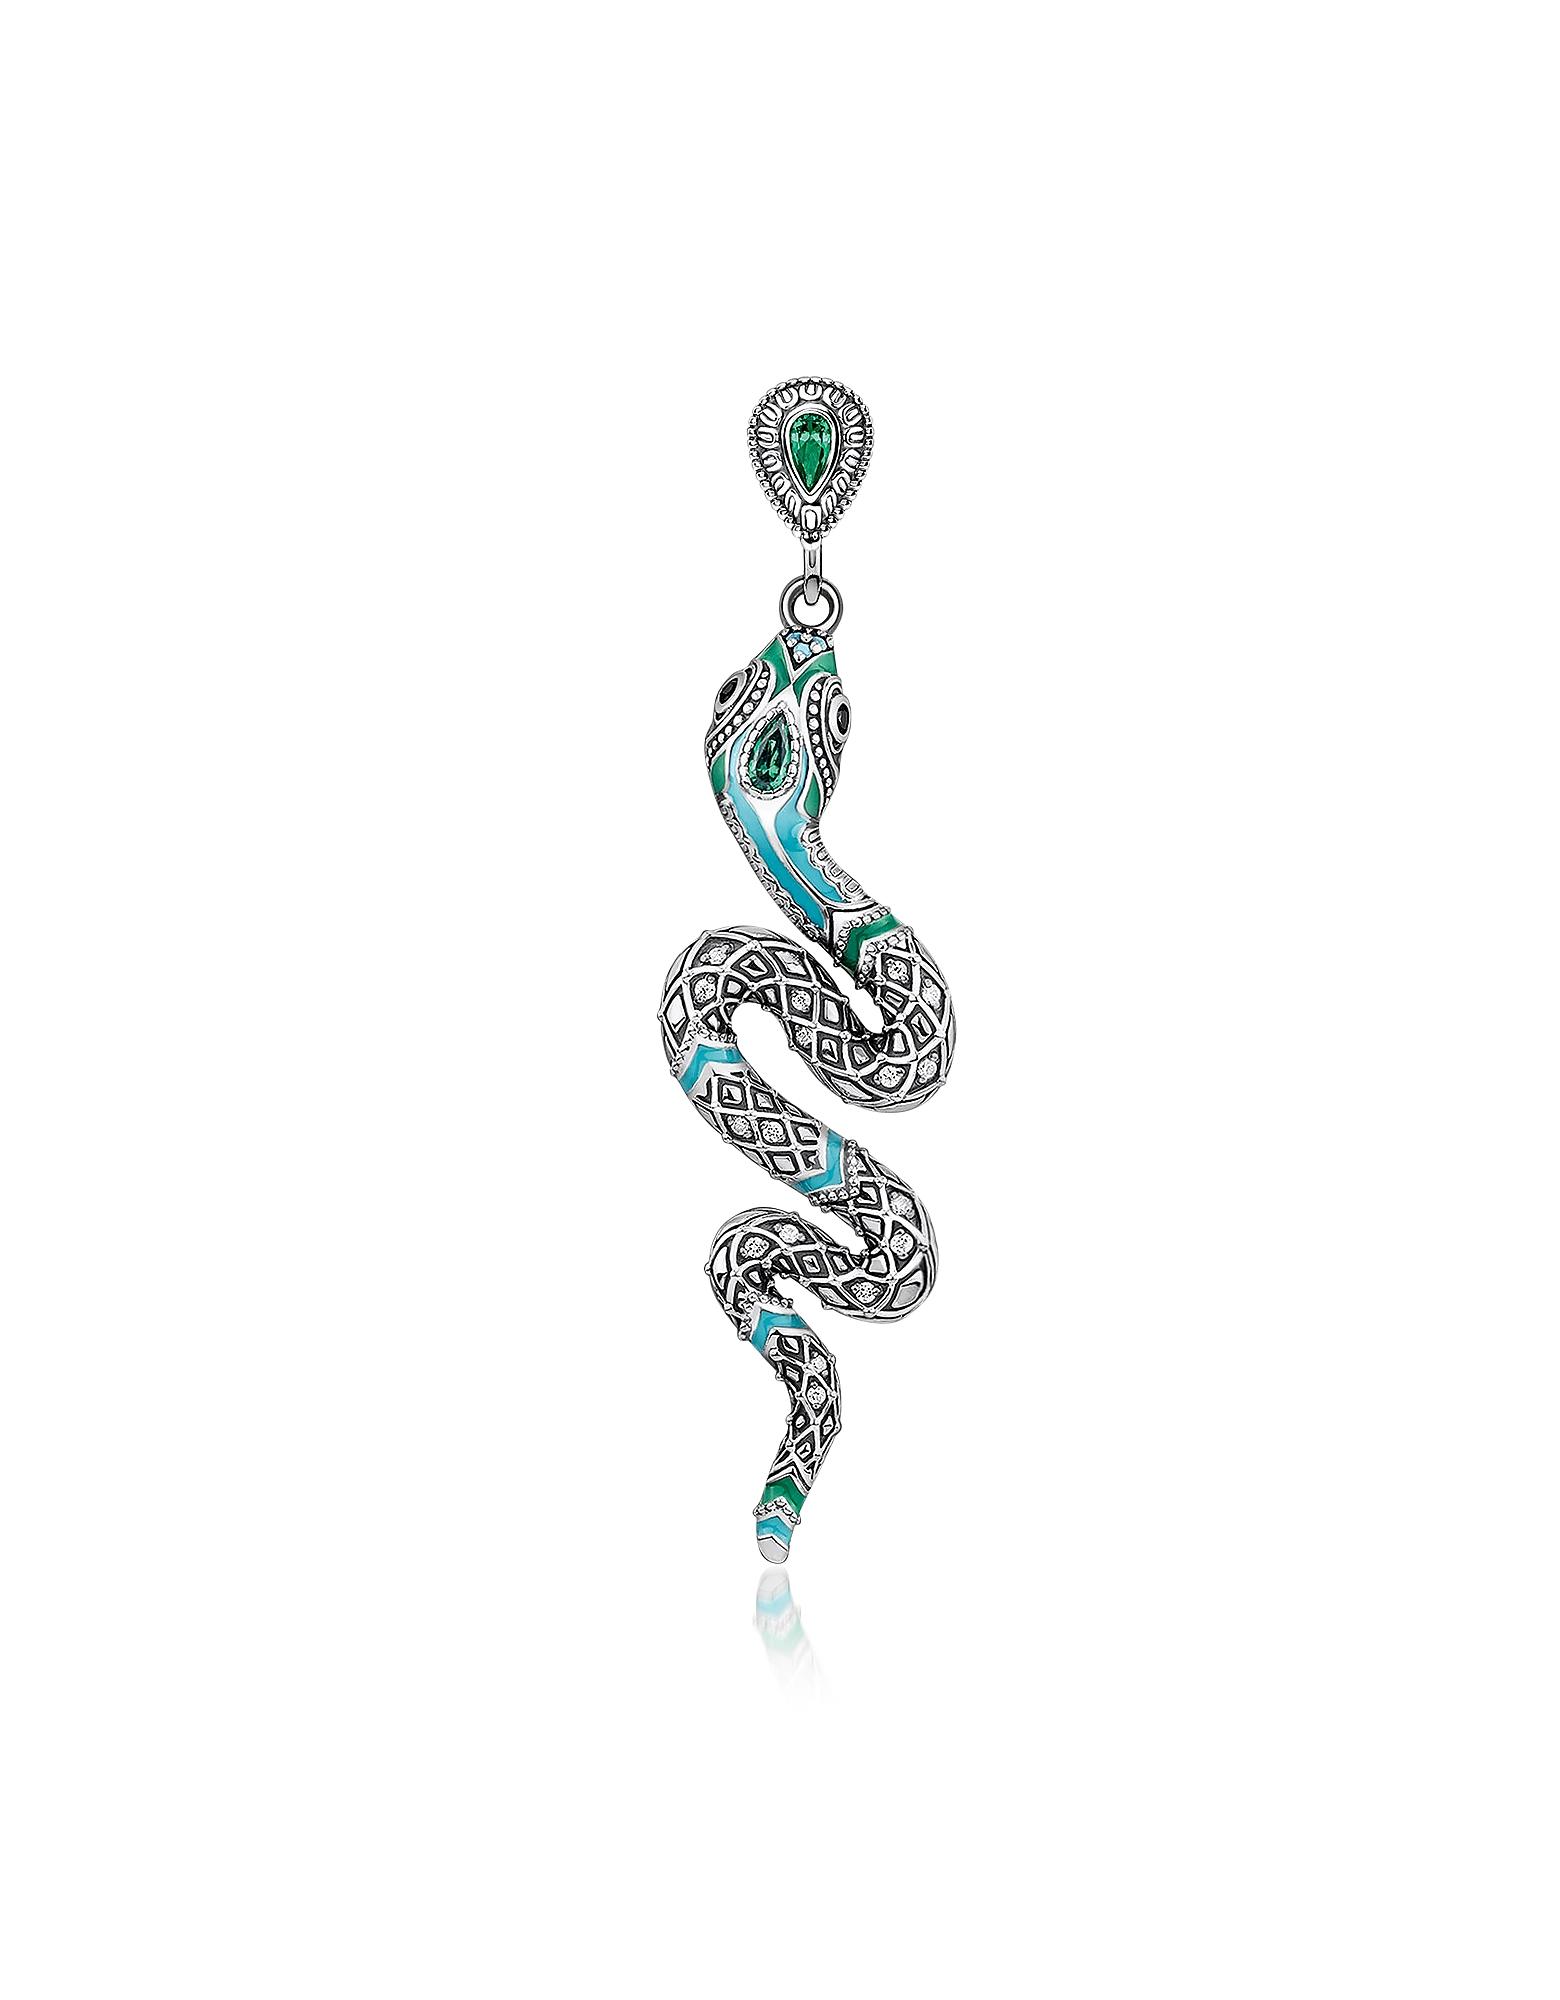 Серьга Змея из Затемненного Стерлингового Серебра, Эмали и Стеклянно-Керамических Камней